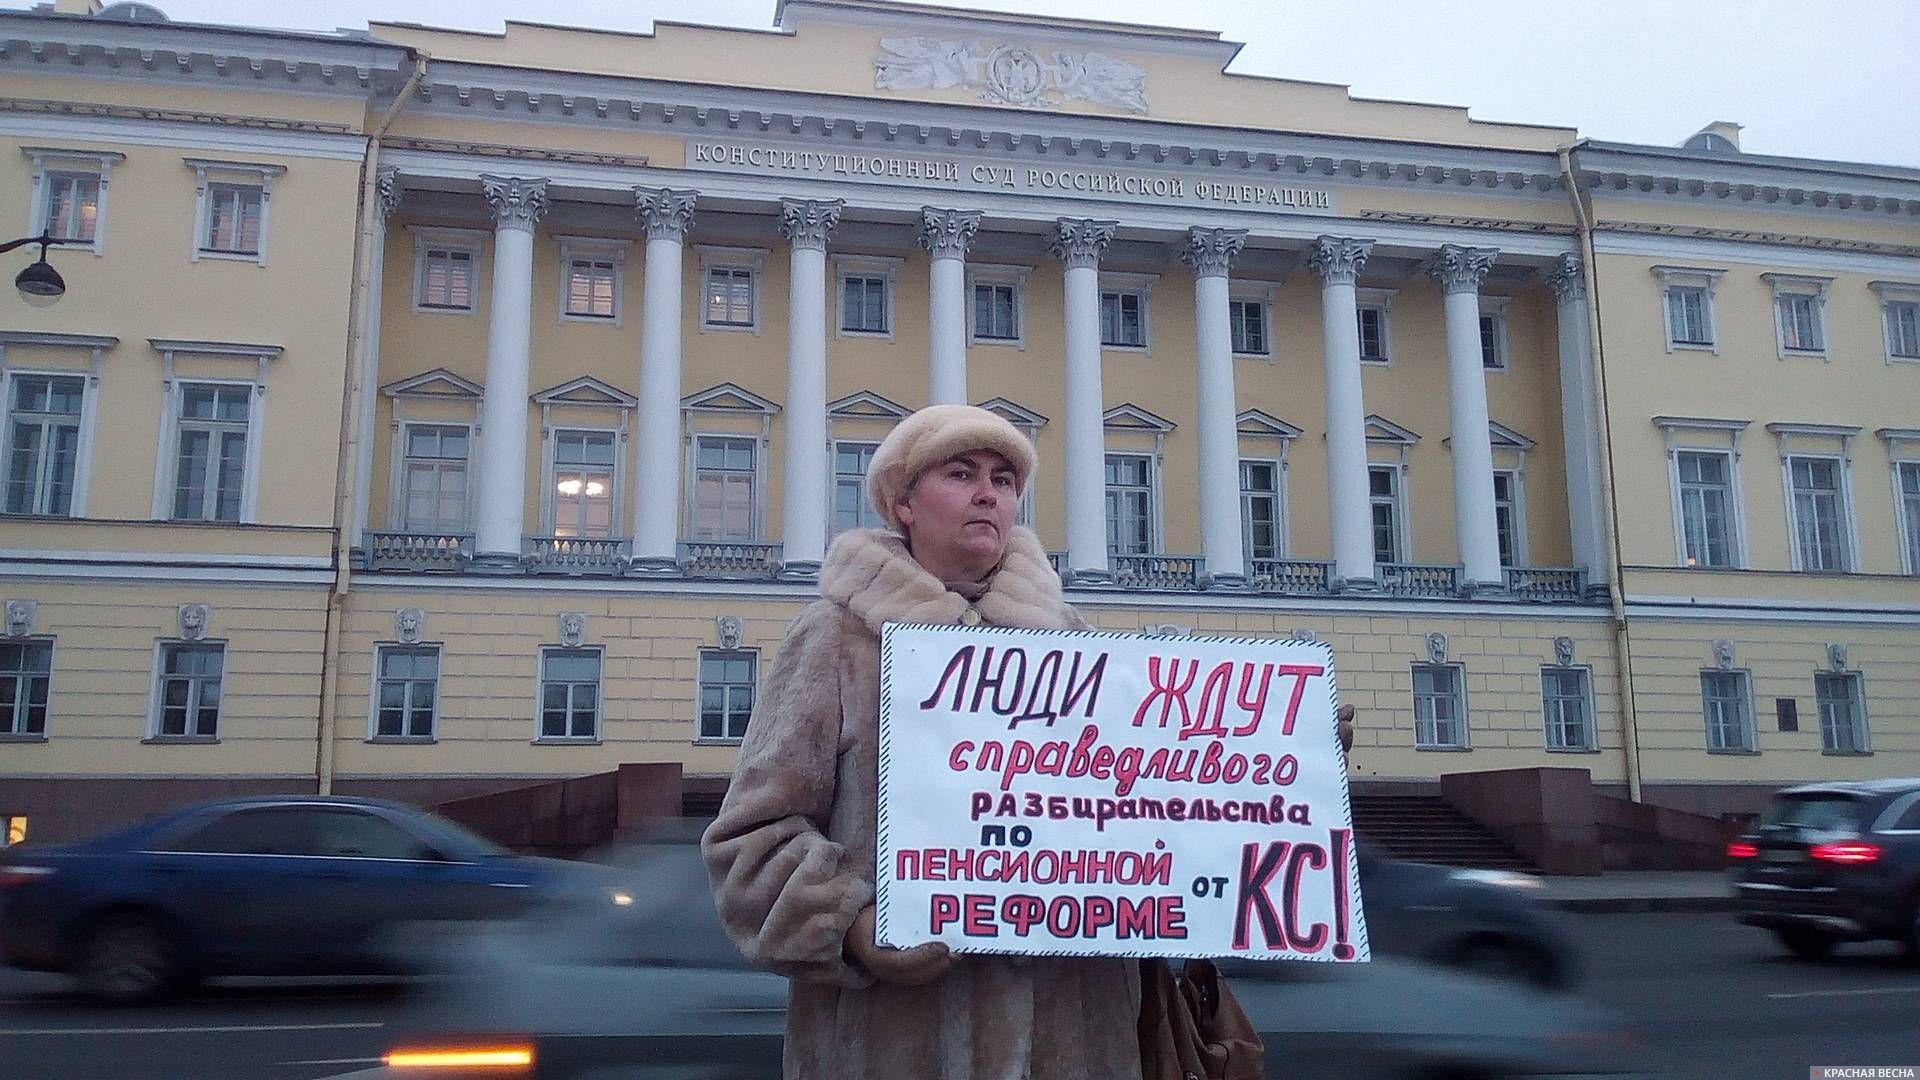 Конституционный суд, отмени «пенсионку»! — в СПб пикетируют здание КС